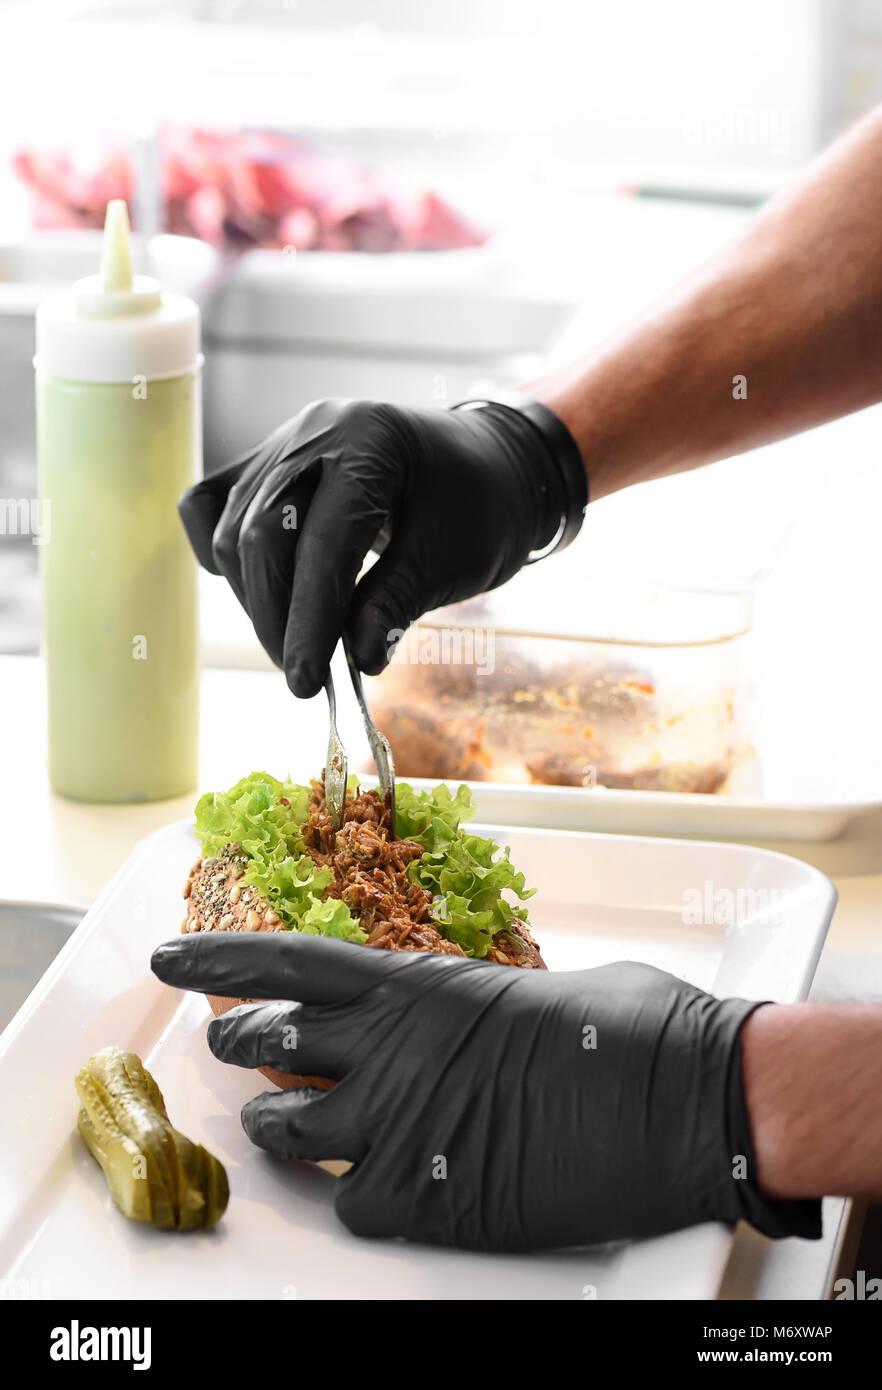 Der Küchenchef bereitet ein gezogener pork Sandwich auf ein gesundes Vollkorn roll Löffelt die Ausschreibung Stockbild